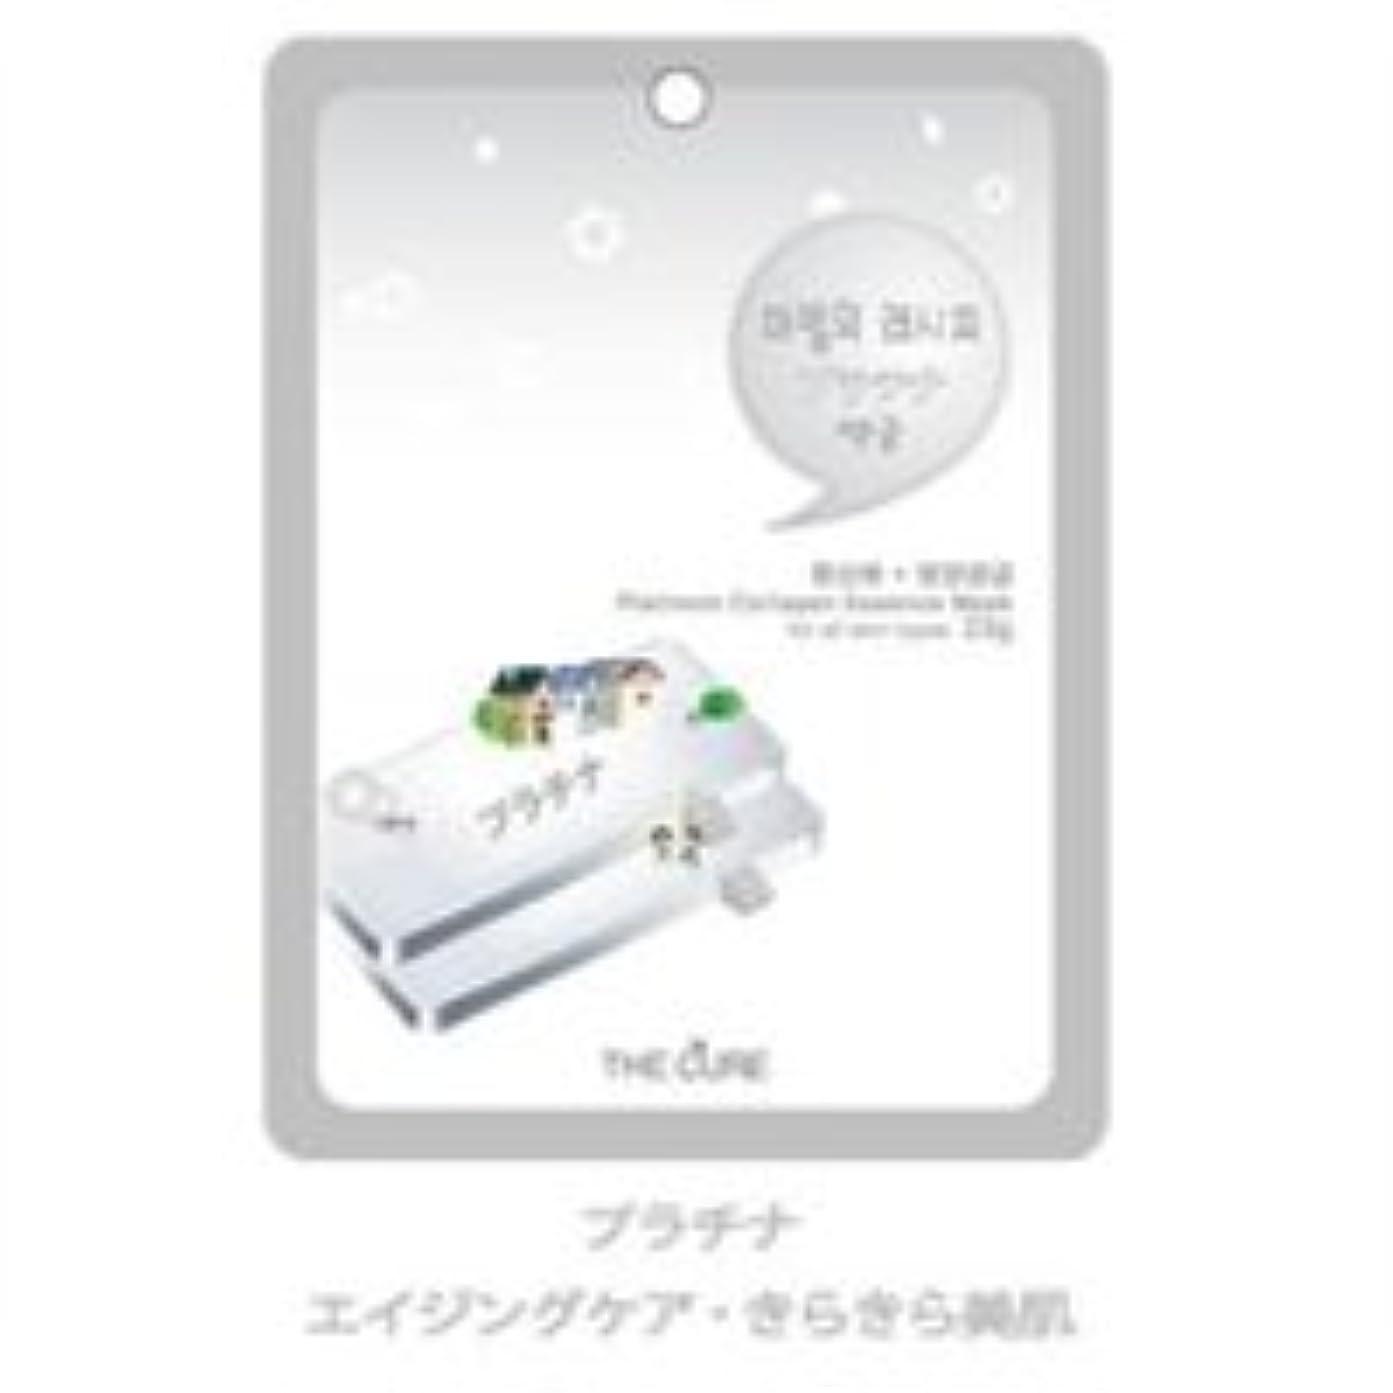 ゴム記念品輸血キュア CUREシートマスクパック プラチナ 20枚